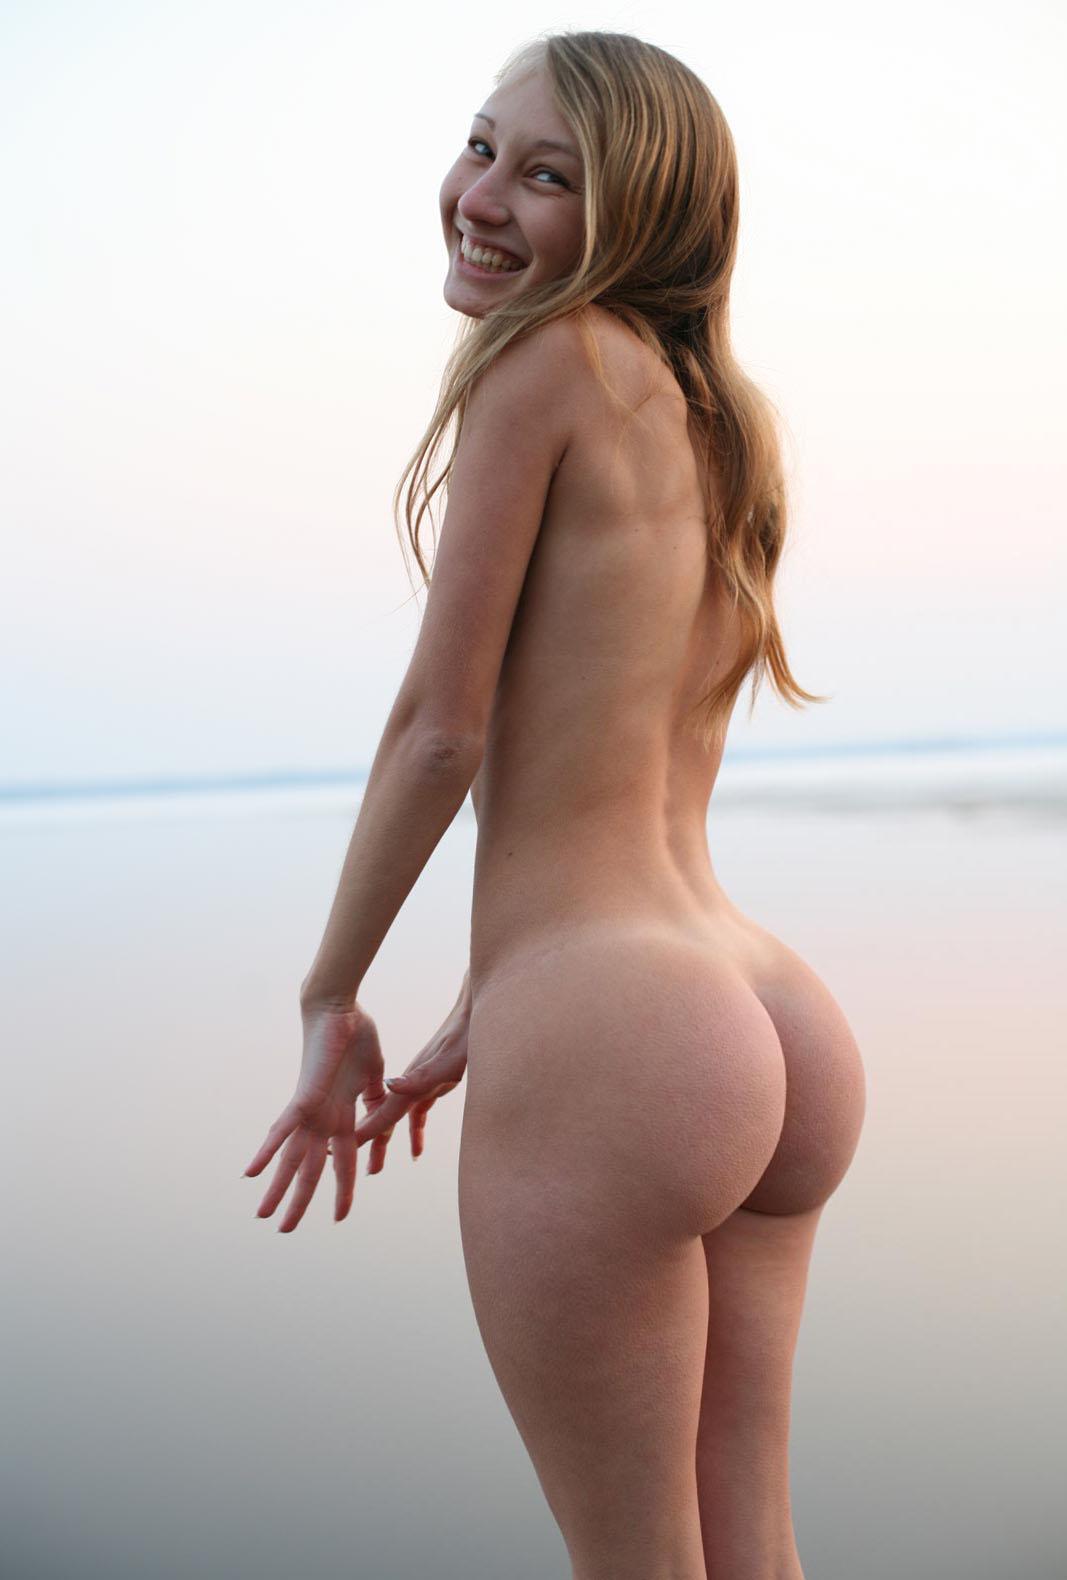 Skinny Big Tits Big Ass